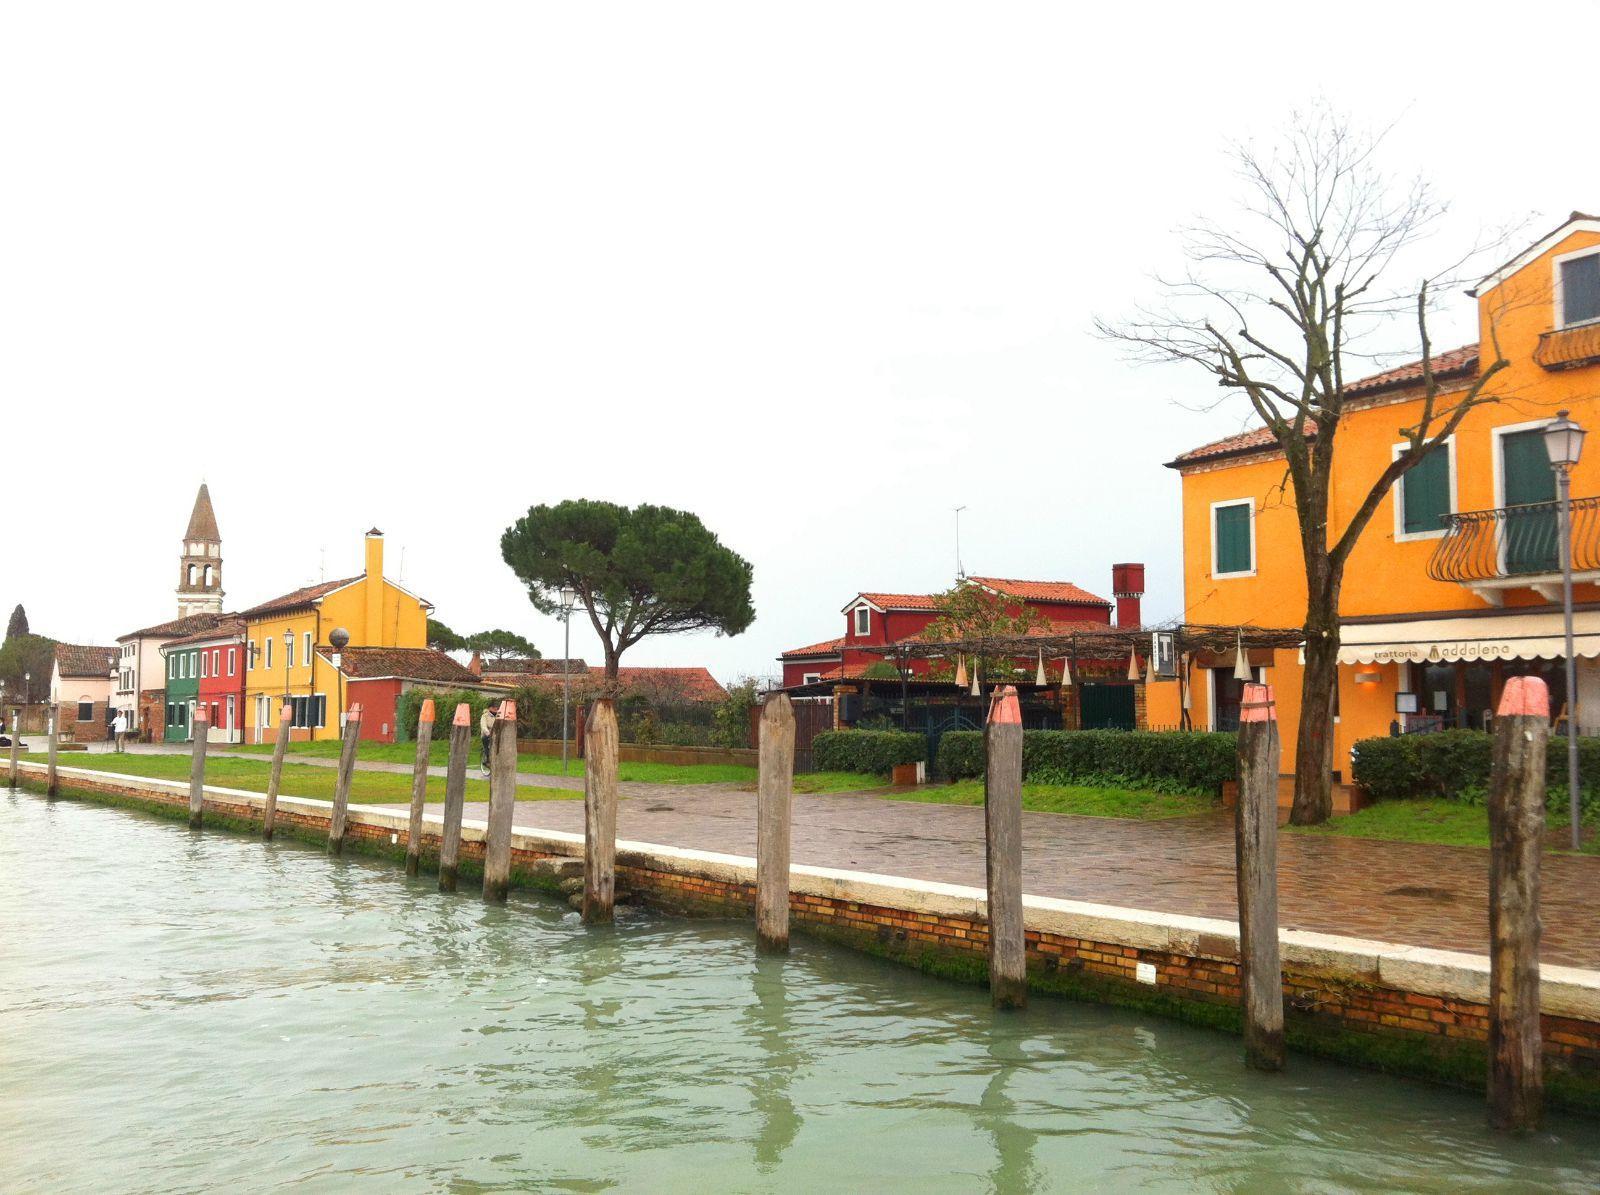 【携程攻略】威尼斯布拉诺岛景点,从玻璃岛到彩色岛的